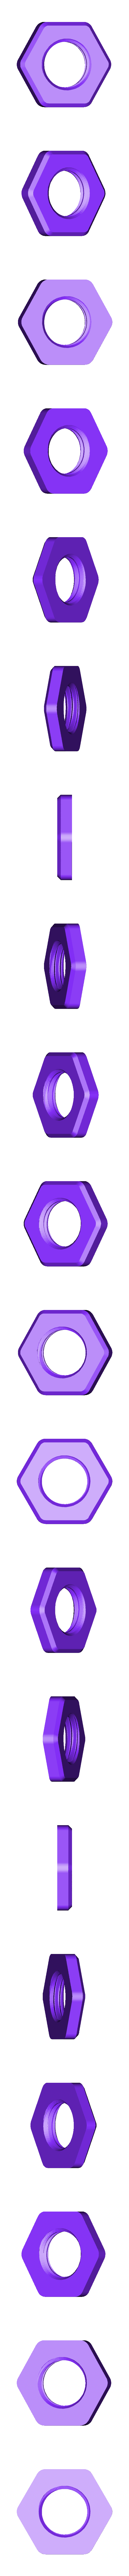 EyeletB%D0%BB%D1%8E%D0%B2%D0%B5%D1%80%D1%81.stl Télécharger fichier STL gratuit Oeillet avec trou de 4,5 mm • Objet à imprimer en 3D, SiberK